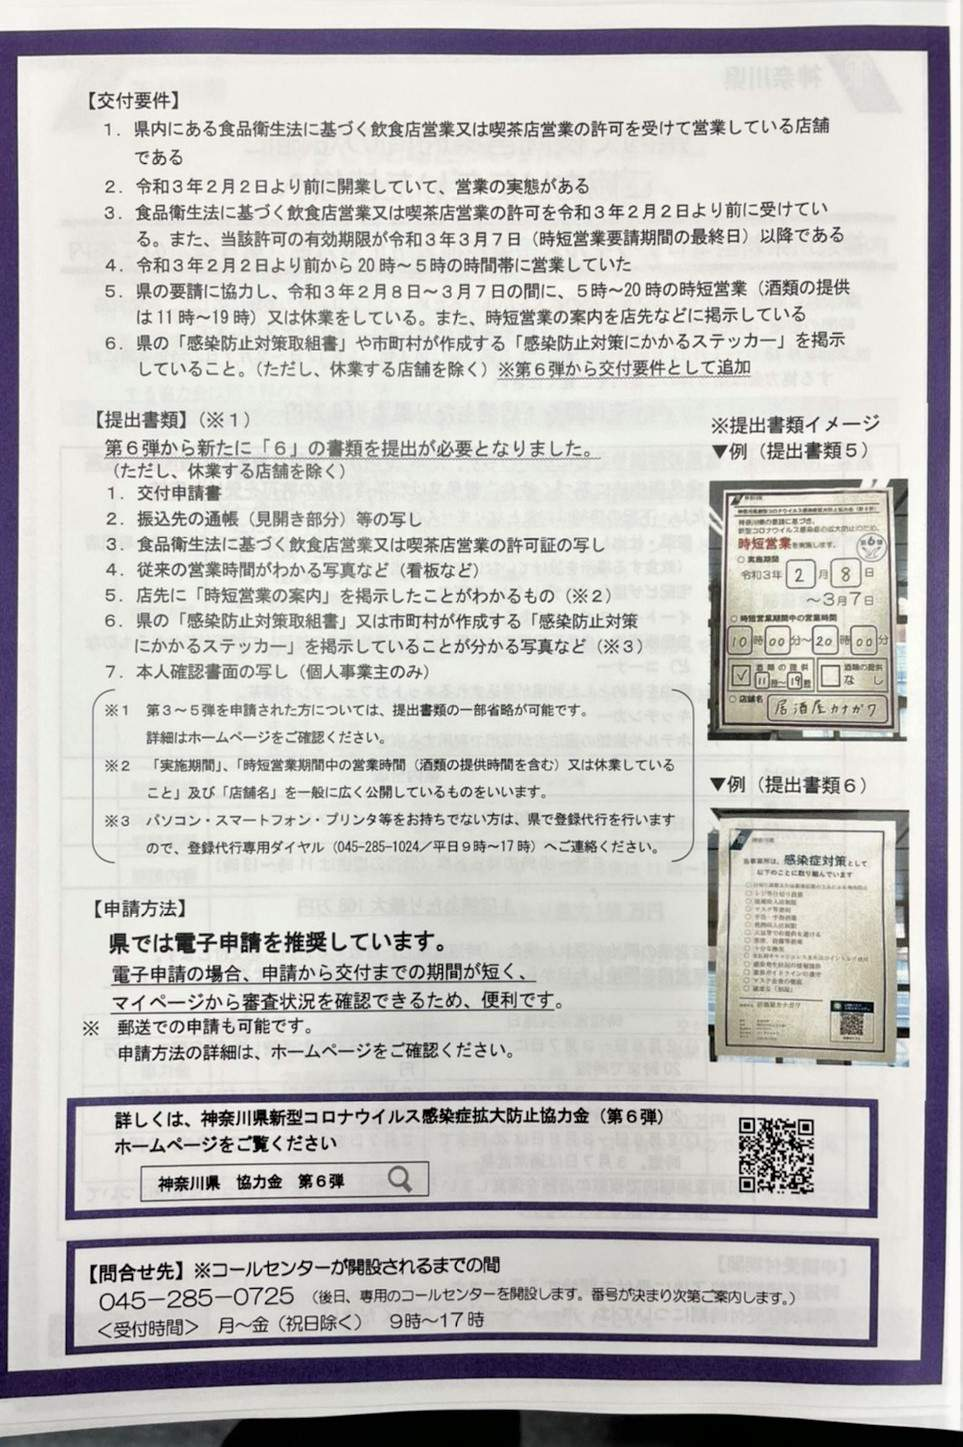 協力 神奈川 5 弾 県 金 第